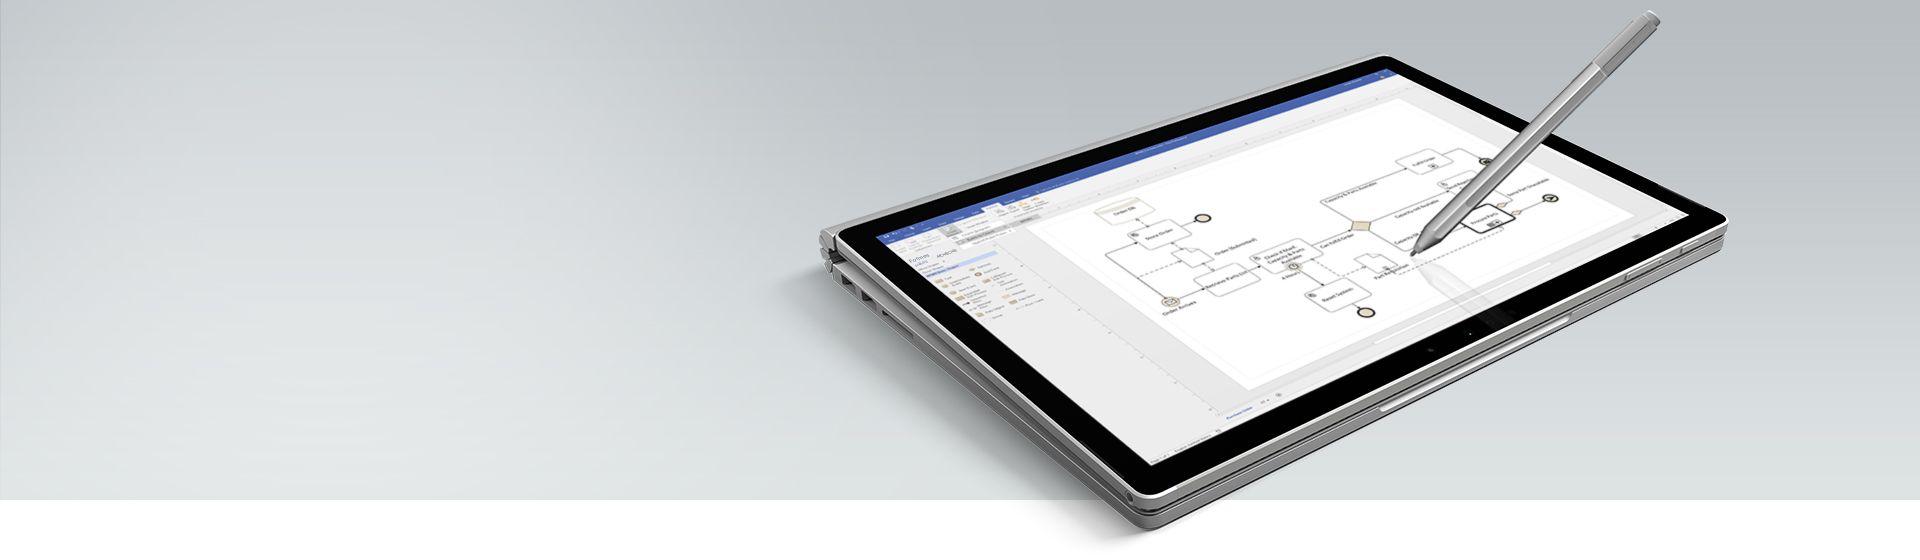 Tablette Surface affichant un diagramme de processus dans Visio